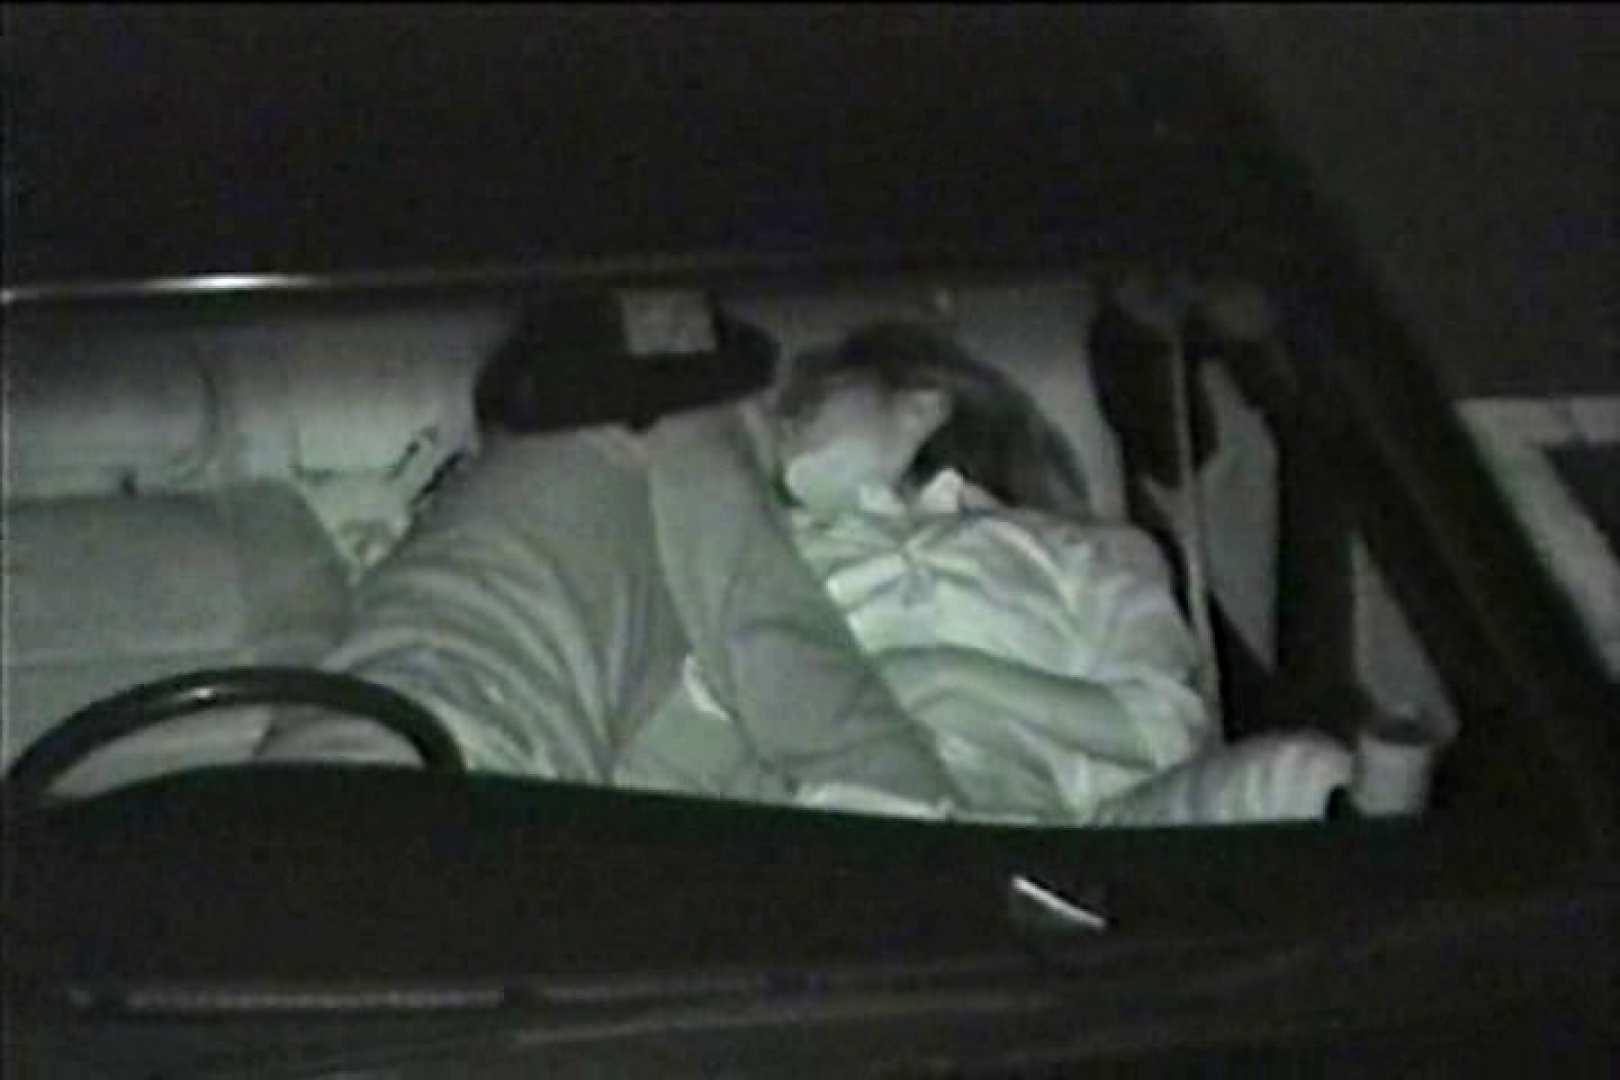 車の中はラブホテル 無修正版  Vol.7 カーセックス盗撮 オマンコ無修正動画無料 81pic 62